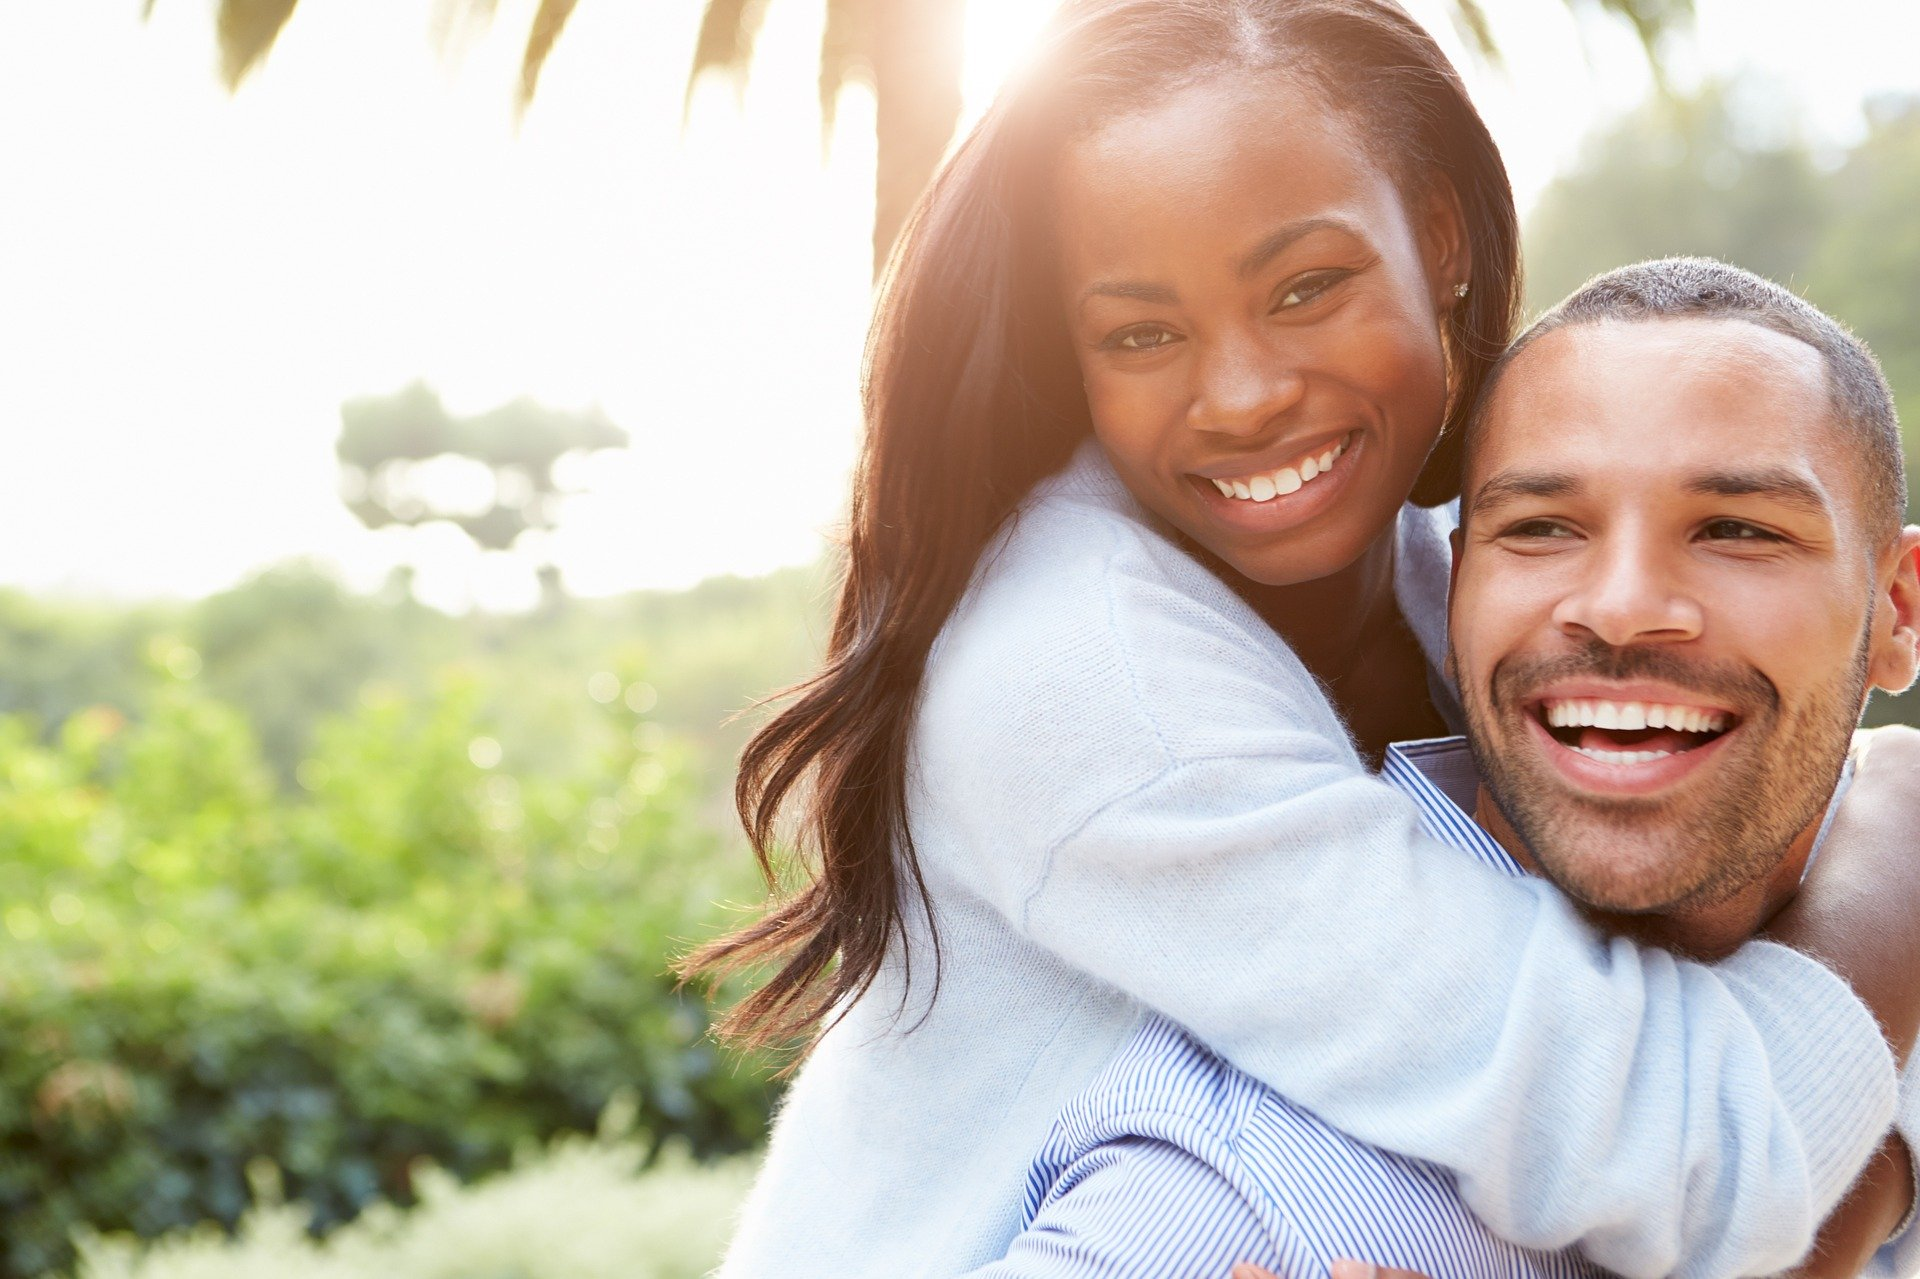 Amor e Felicidade verdadeira